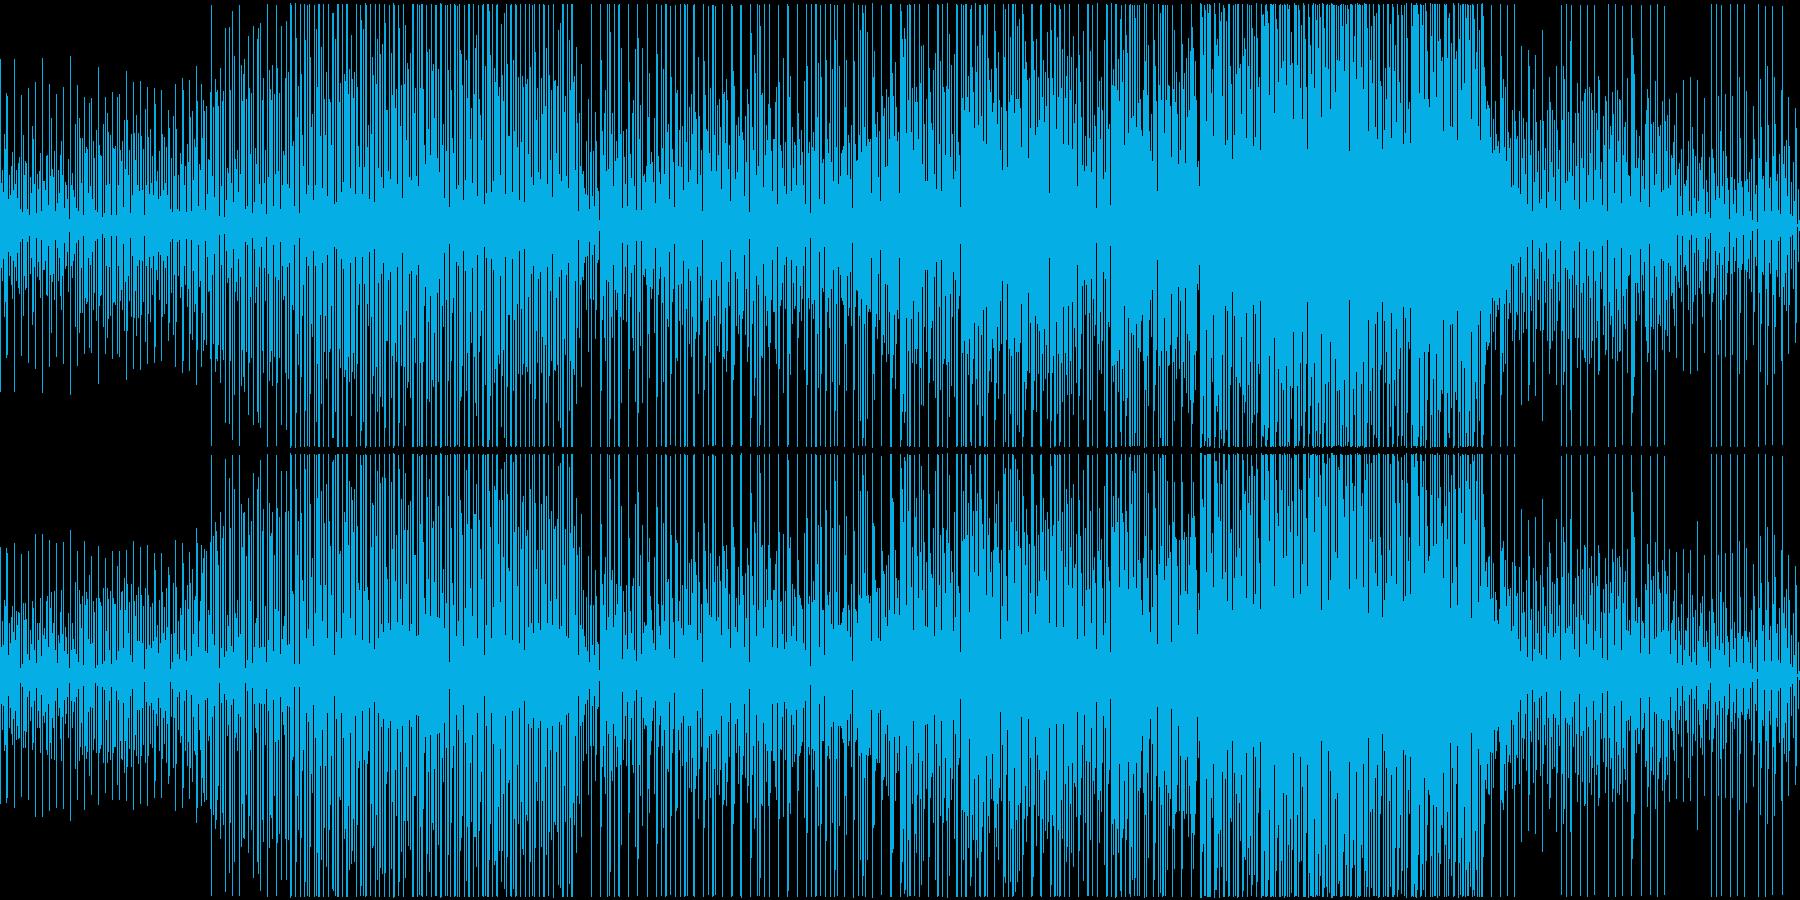 ゆったりテンポが心地いい癒し系楽曲の再生済みの波形